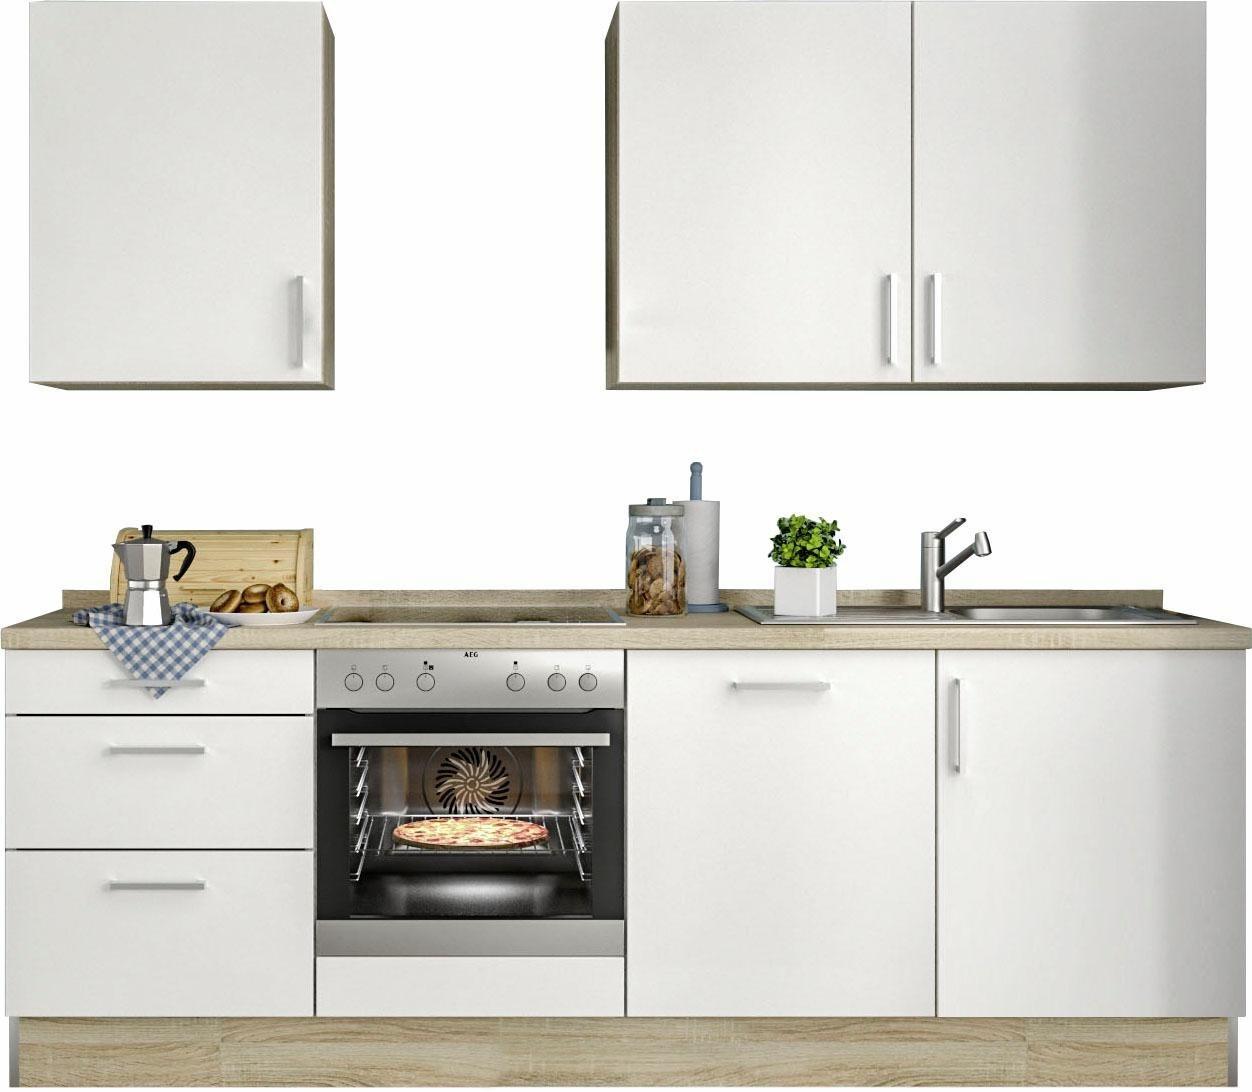 Melle Möbel aqua mdf küchenzeilen kaufen möbel suchmaschine